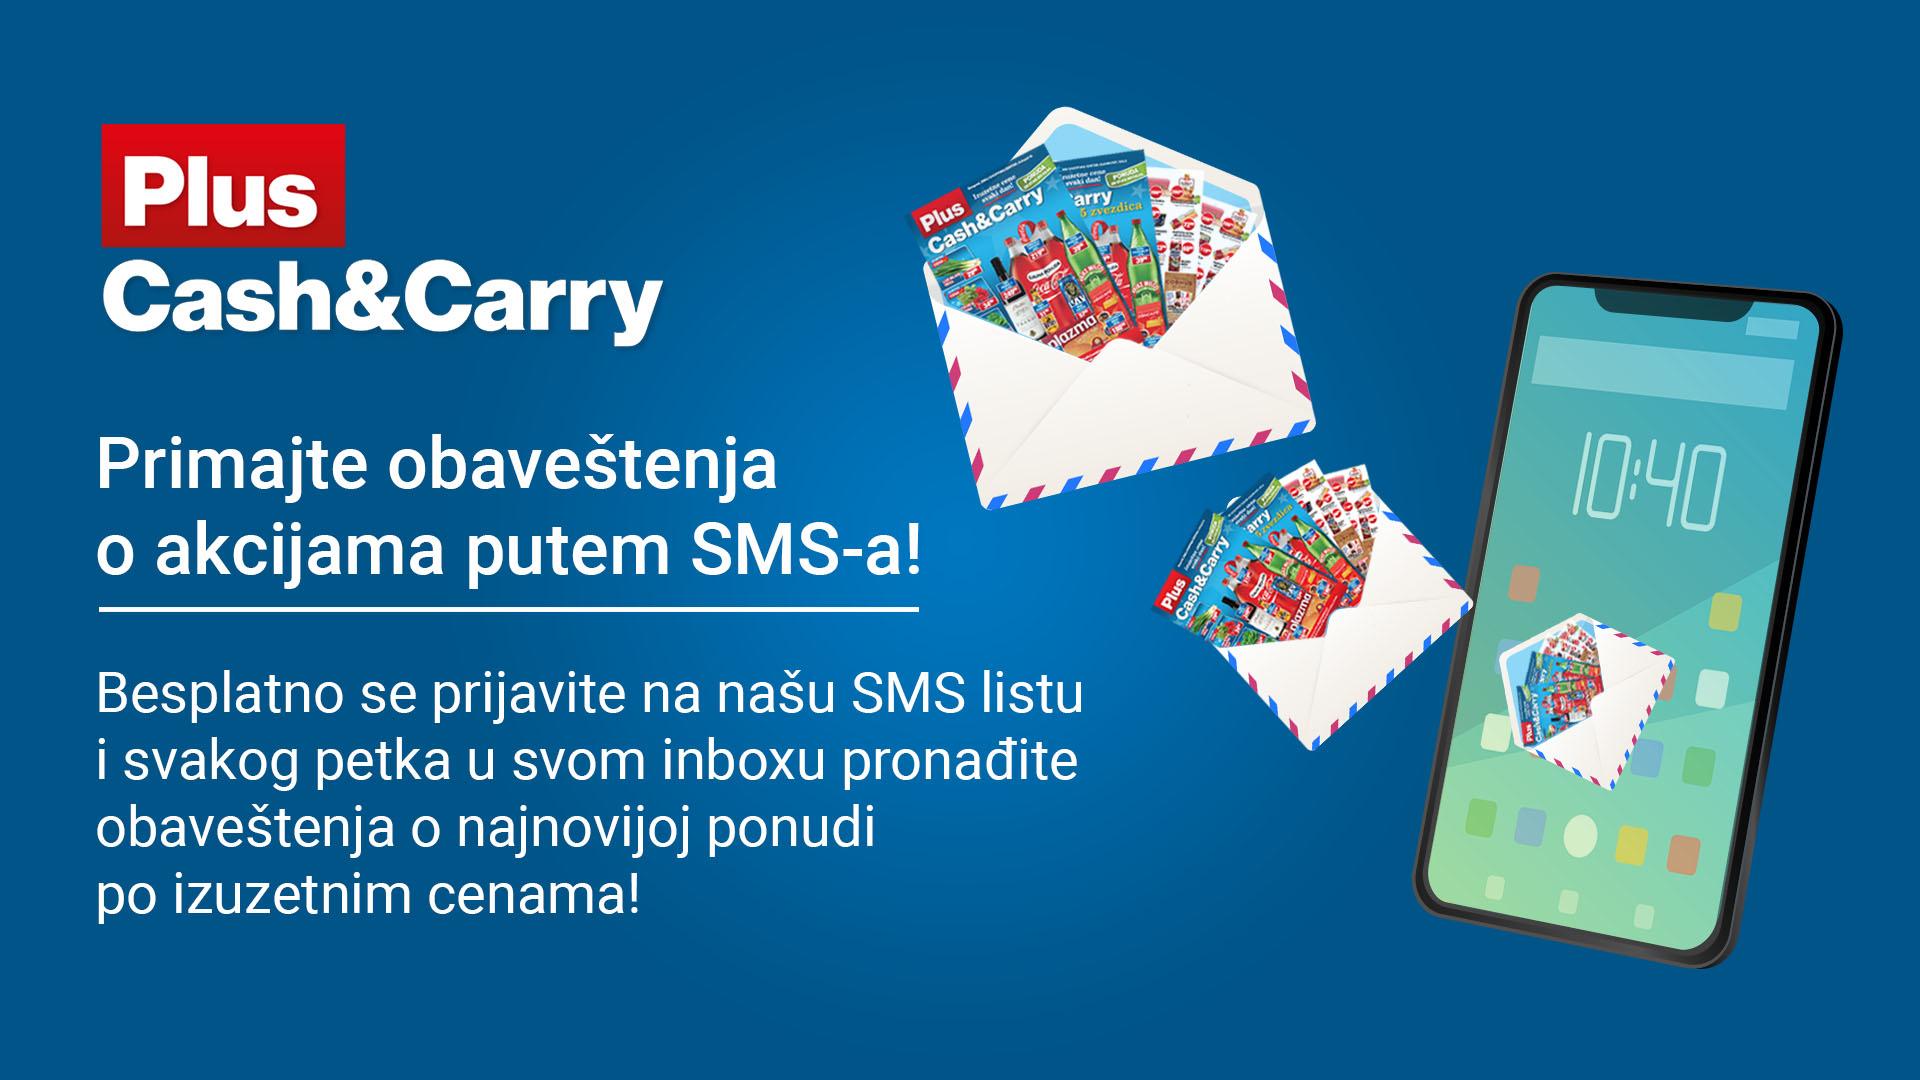 cc-sms